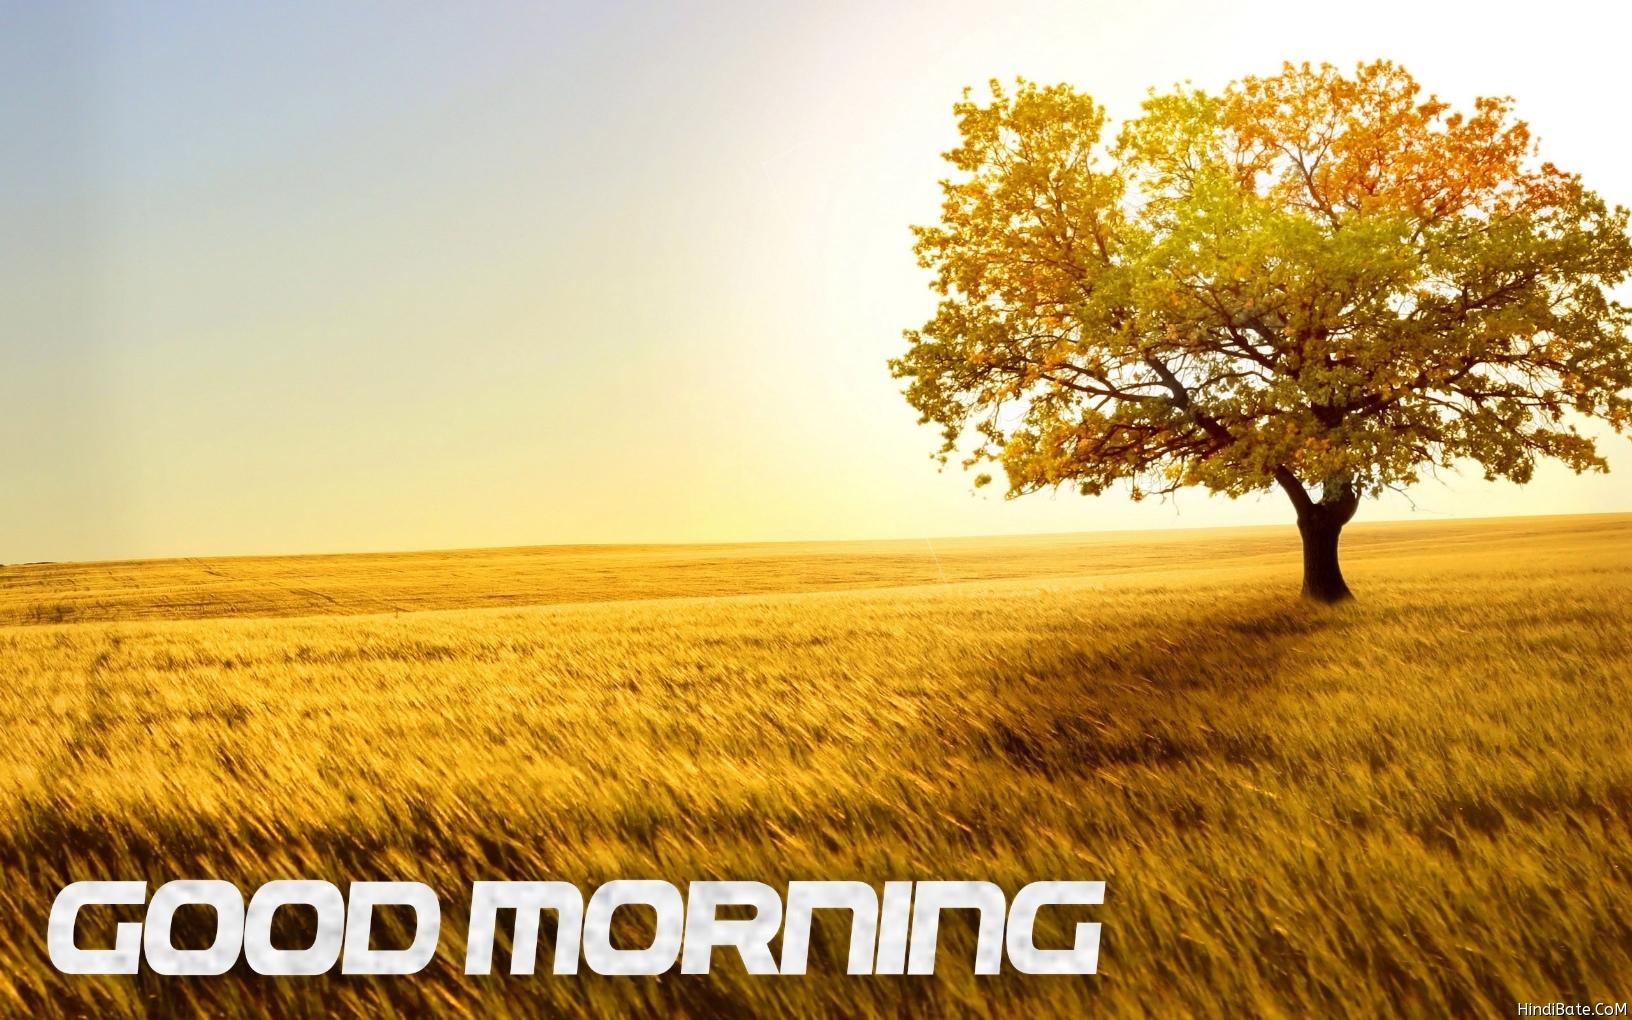 Good morning nature sunrise image